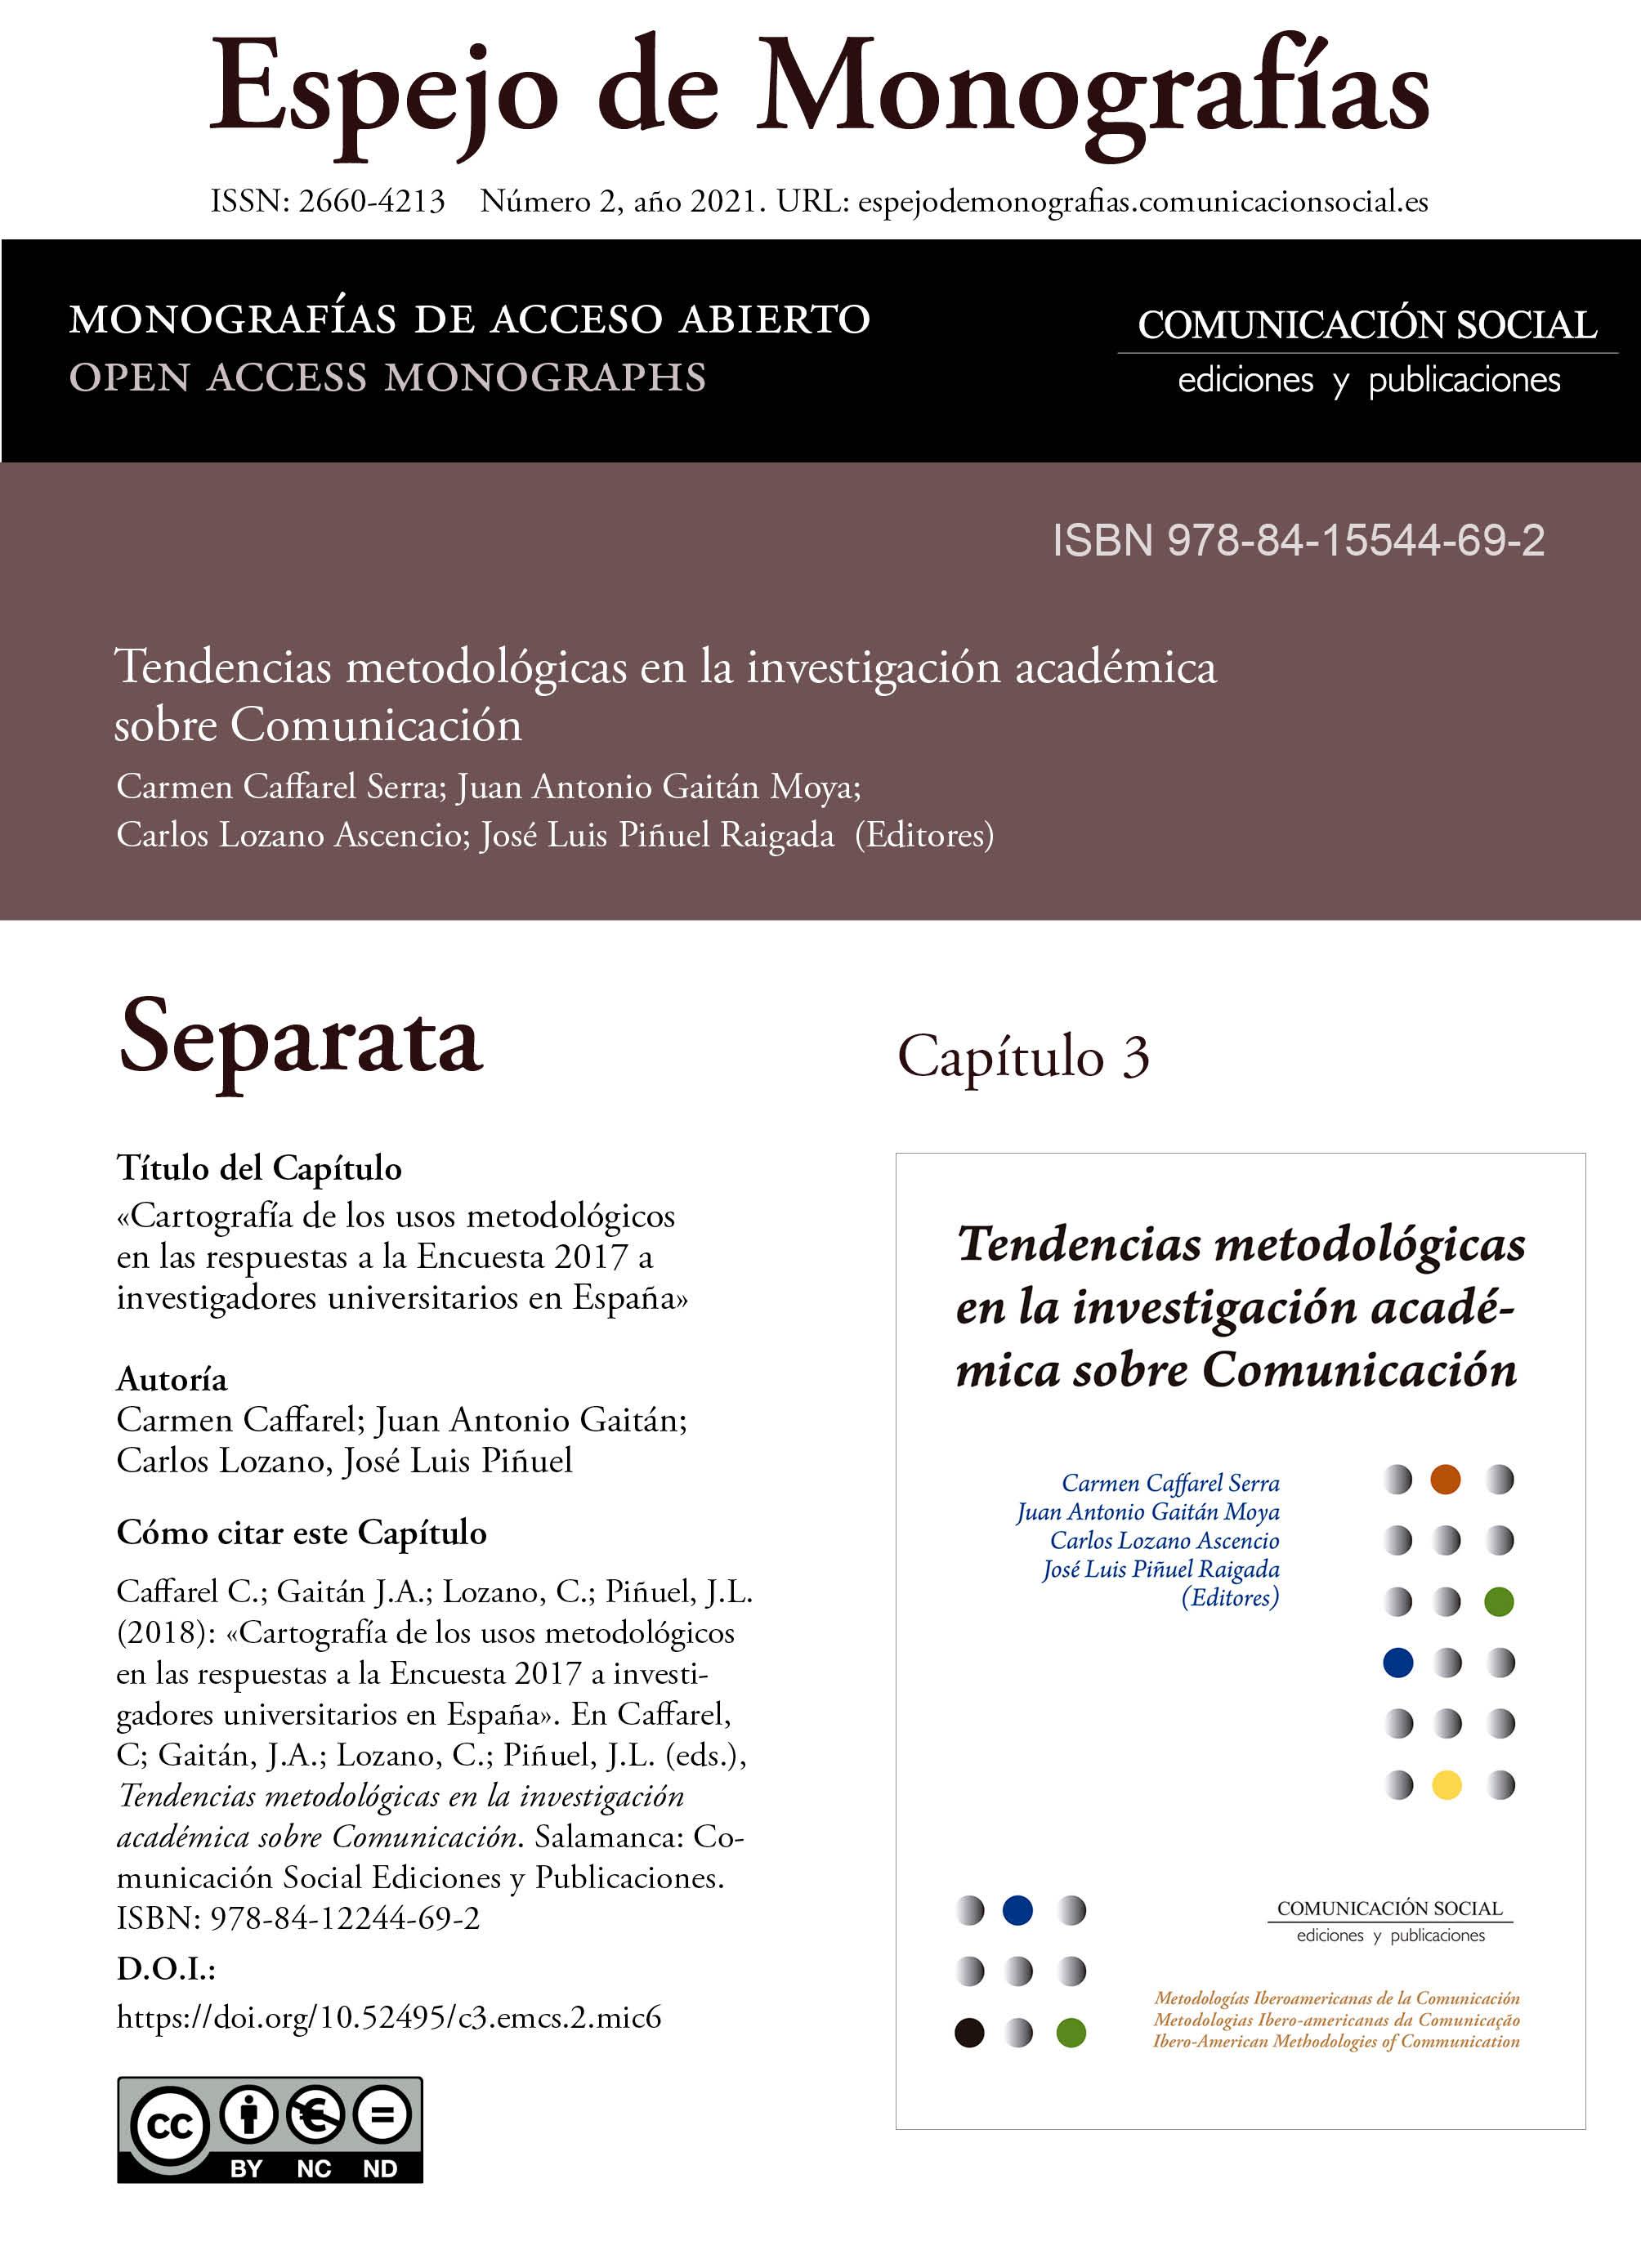 Separata del Capítulo 3 correspondiente a la monografía Tendencias metodológicas en la investigación académica en Comunicación